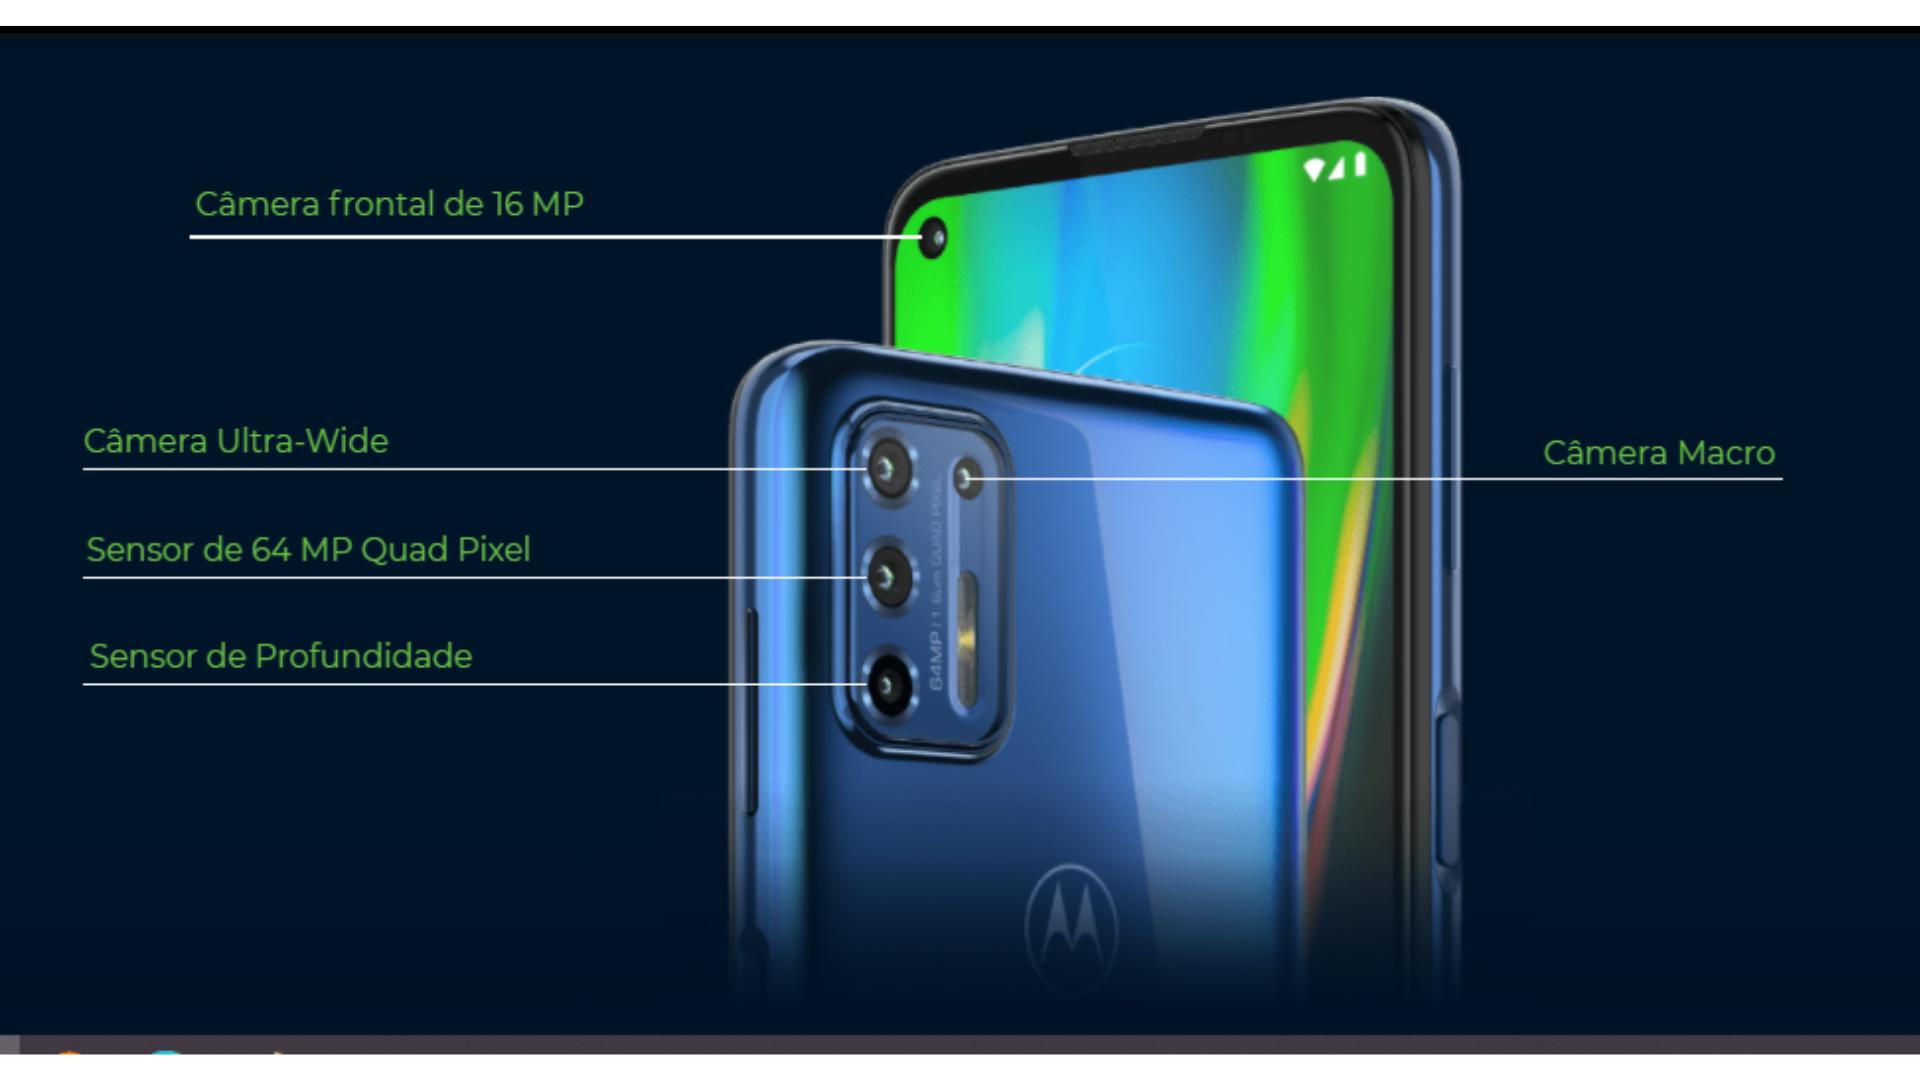 O Moto G9 Plus permite fotos nítidas e brilhantes em alta resolução. (Imagem: Divulgação/Motorola)